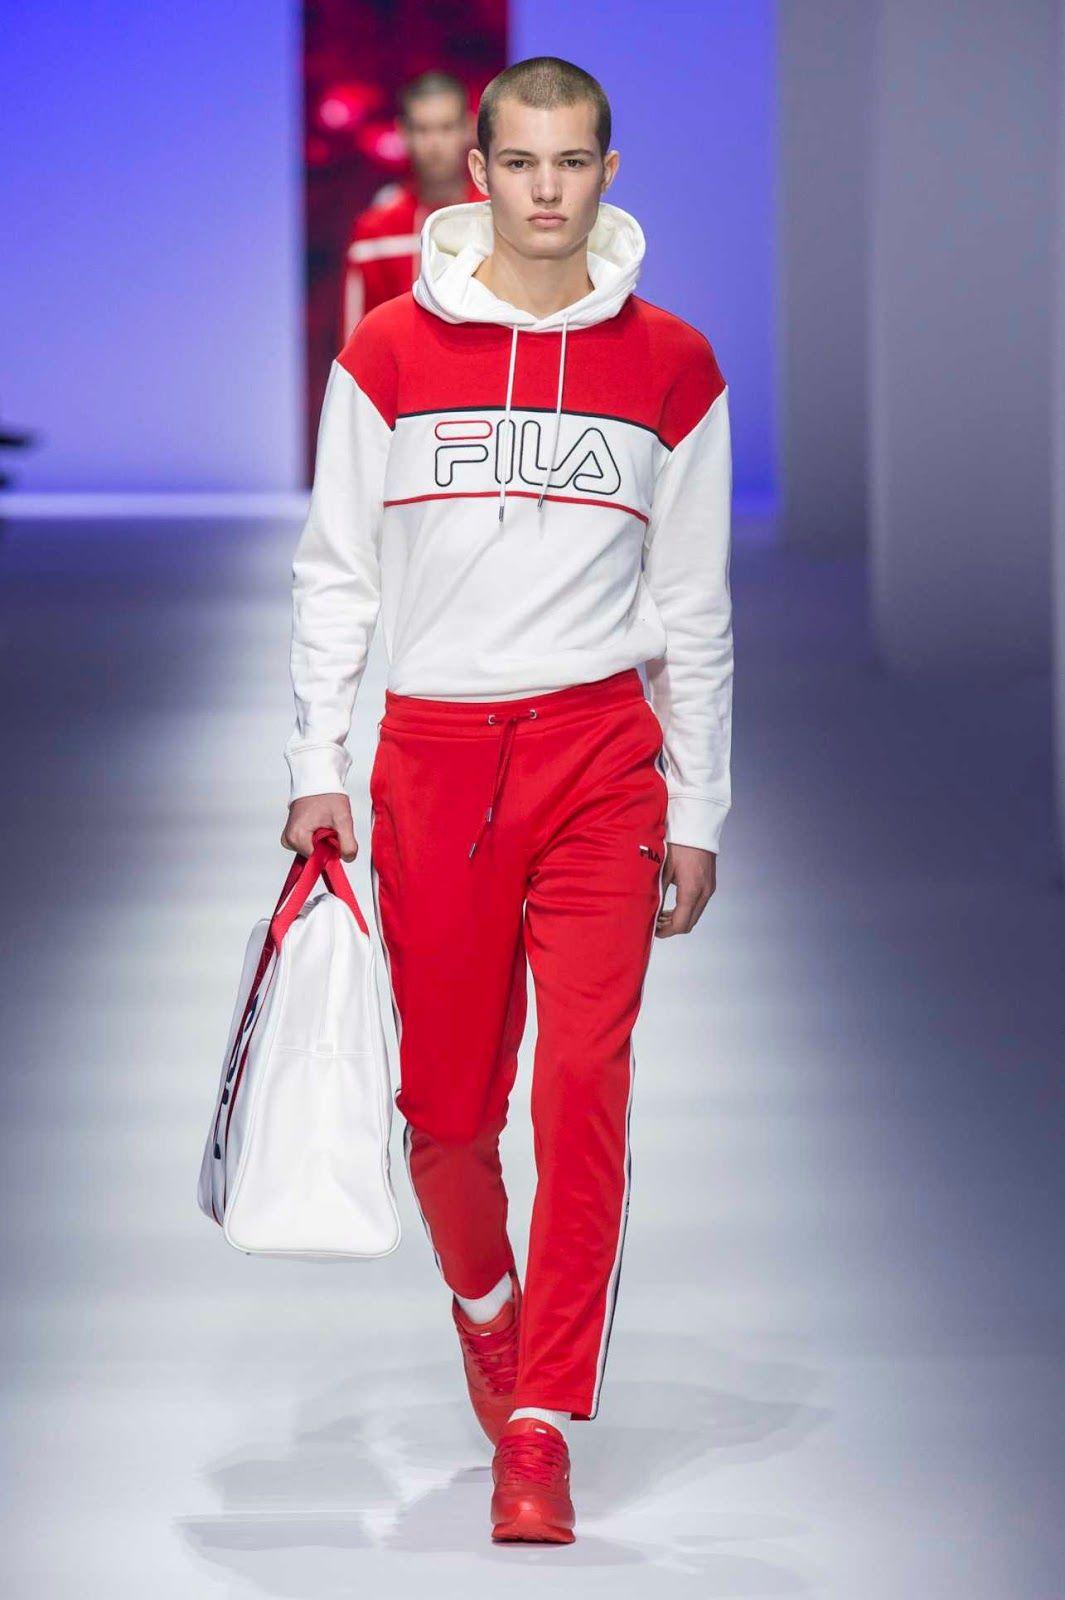 Fila Spring-Summer 2019 Runway Show | Fila in 2019 | Fashion ...